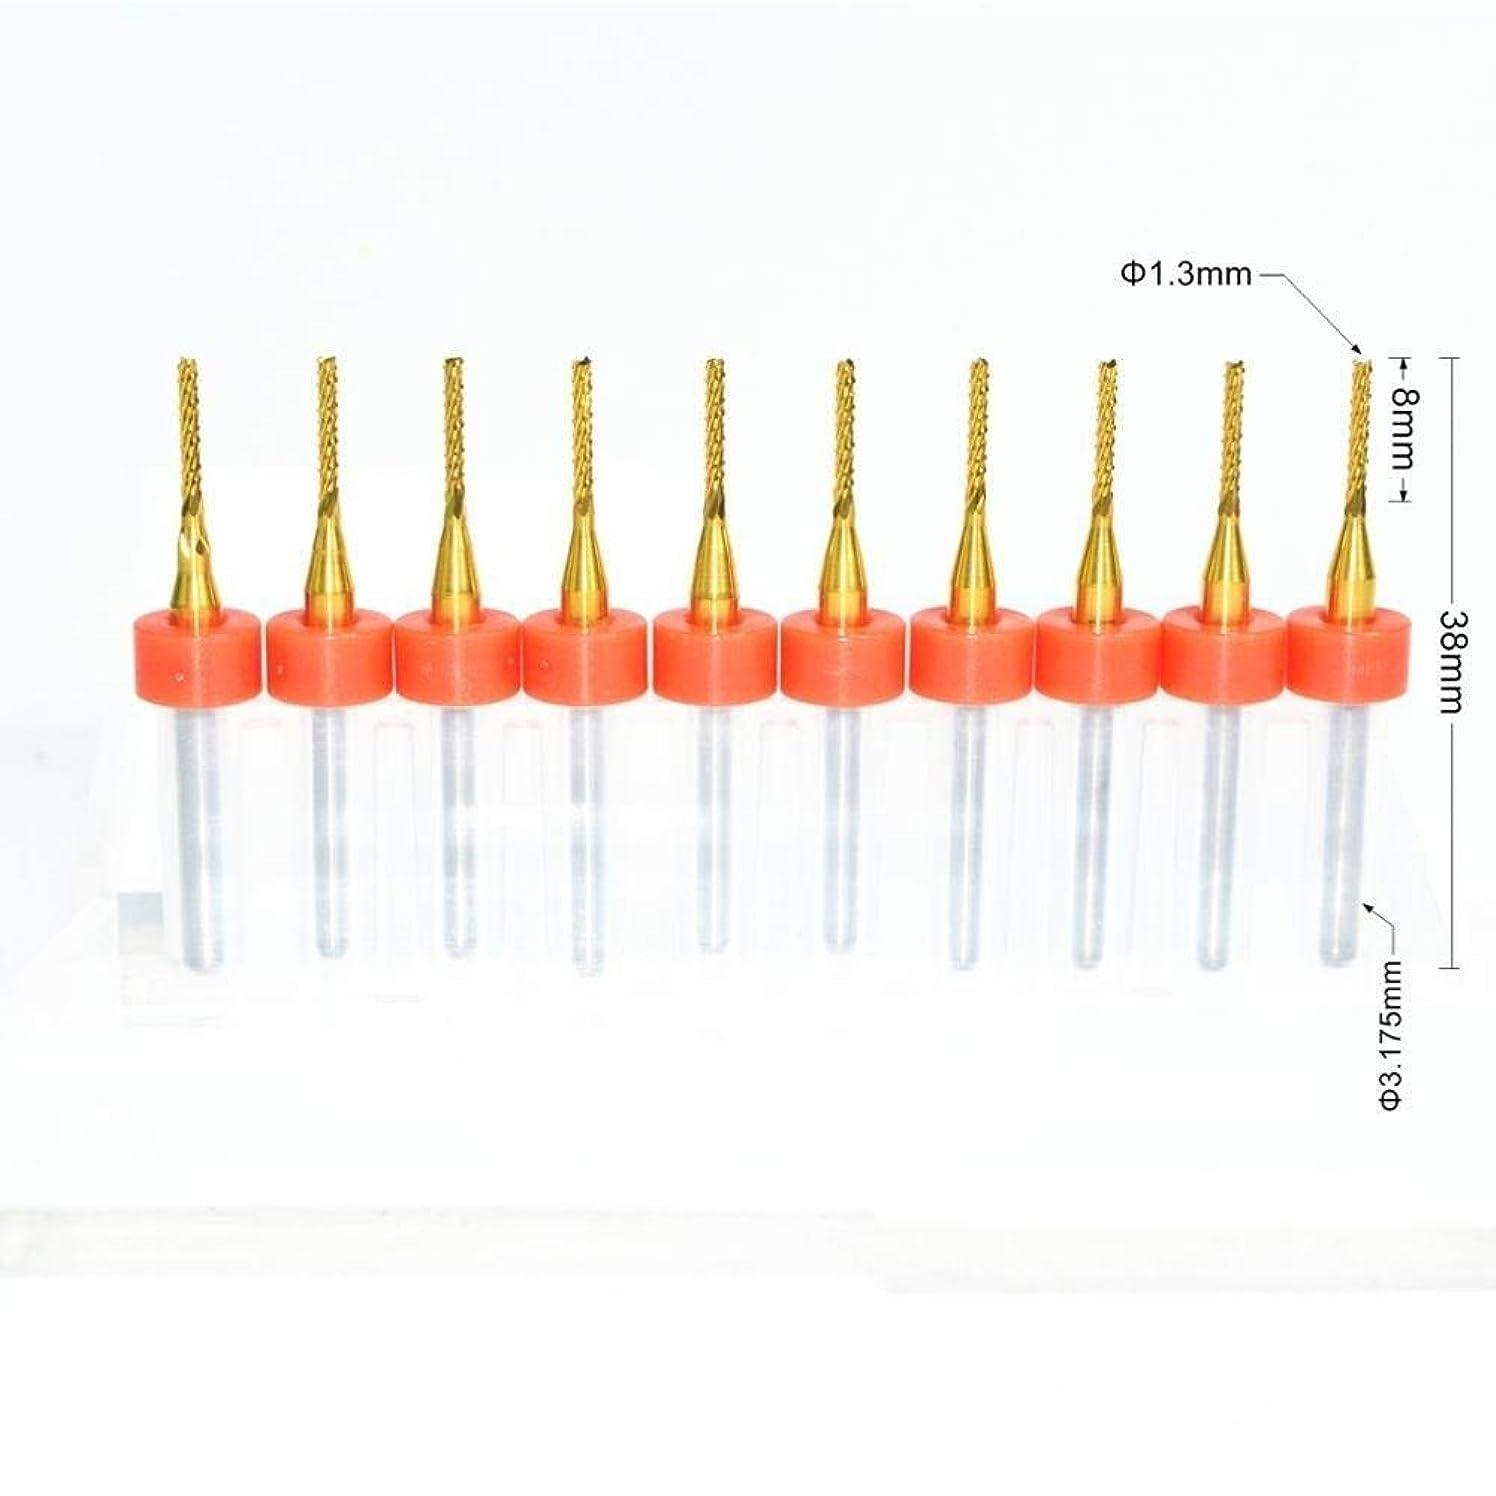 ツイントーナメントそれによってYIRANLT 3.175ミリメートル* 1.3ミリメートル、10個入り、コーティングエンドミルカッター、マシンコーンフライスビット、超硬ソリッド工具、PVC、木材 (Size : 3.175mm*1.3mm)